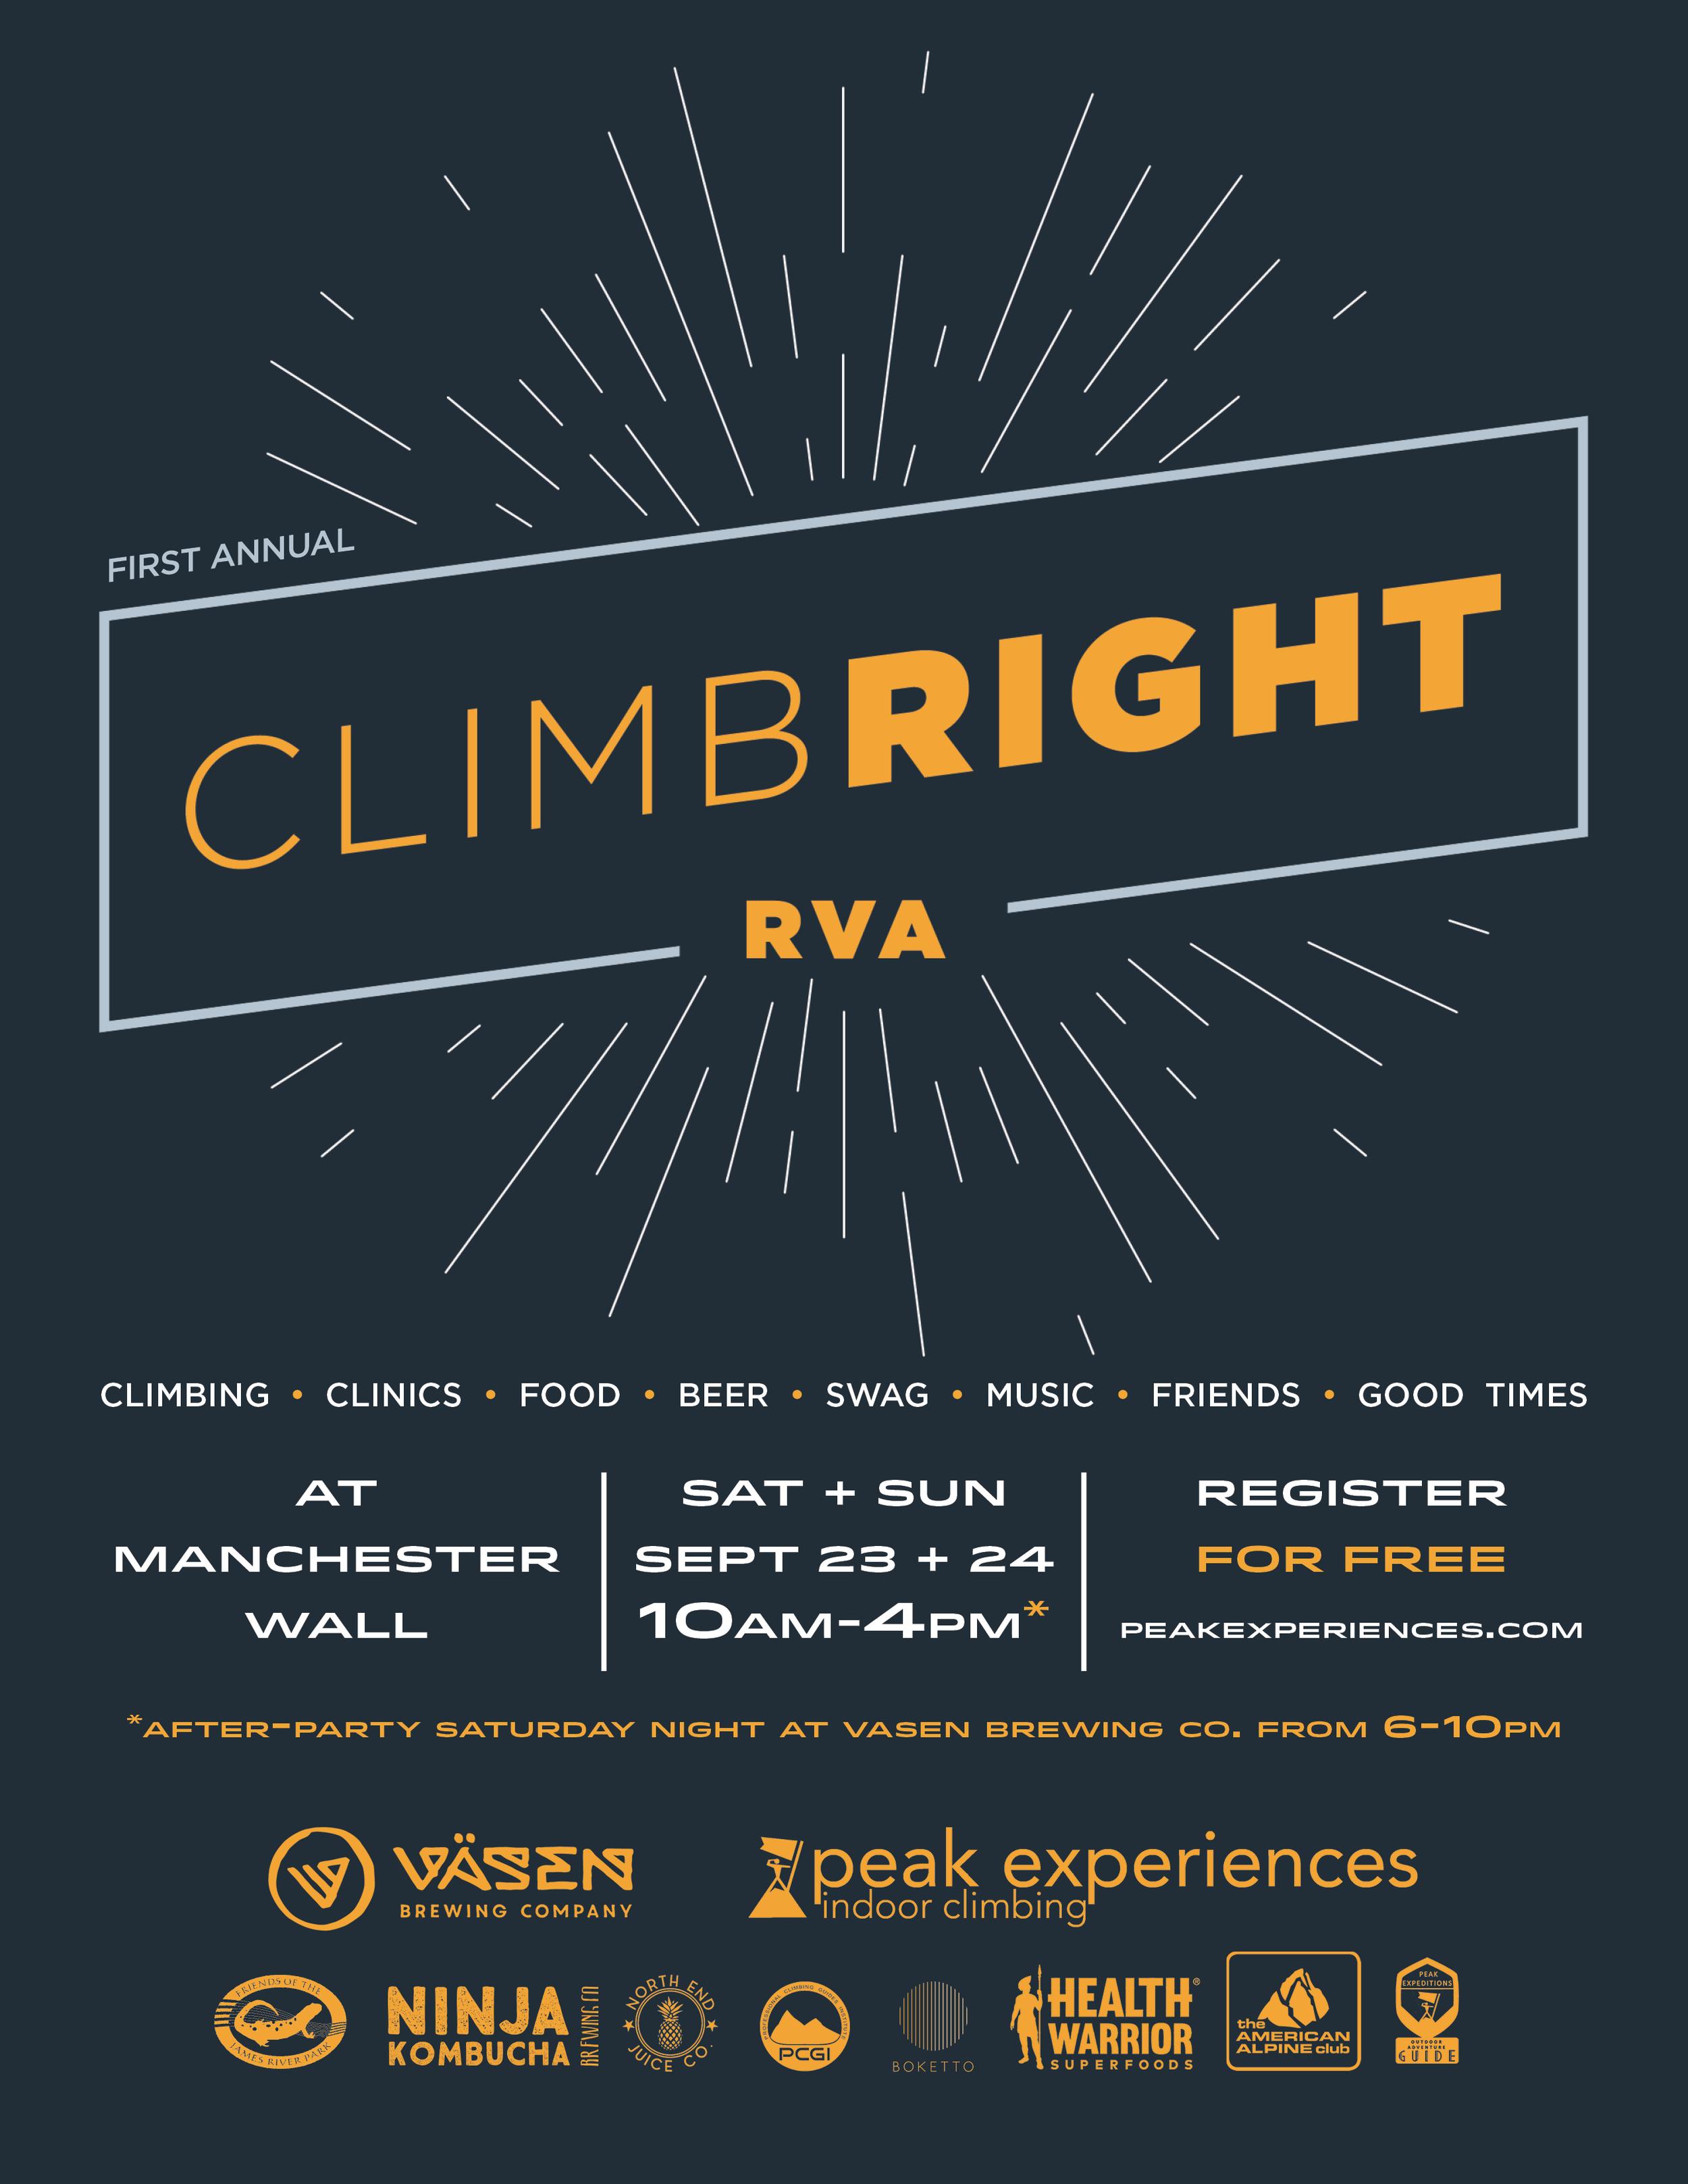 ClimbRightRVA-8x10.png